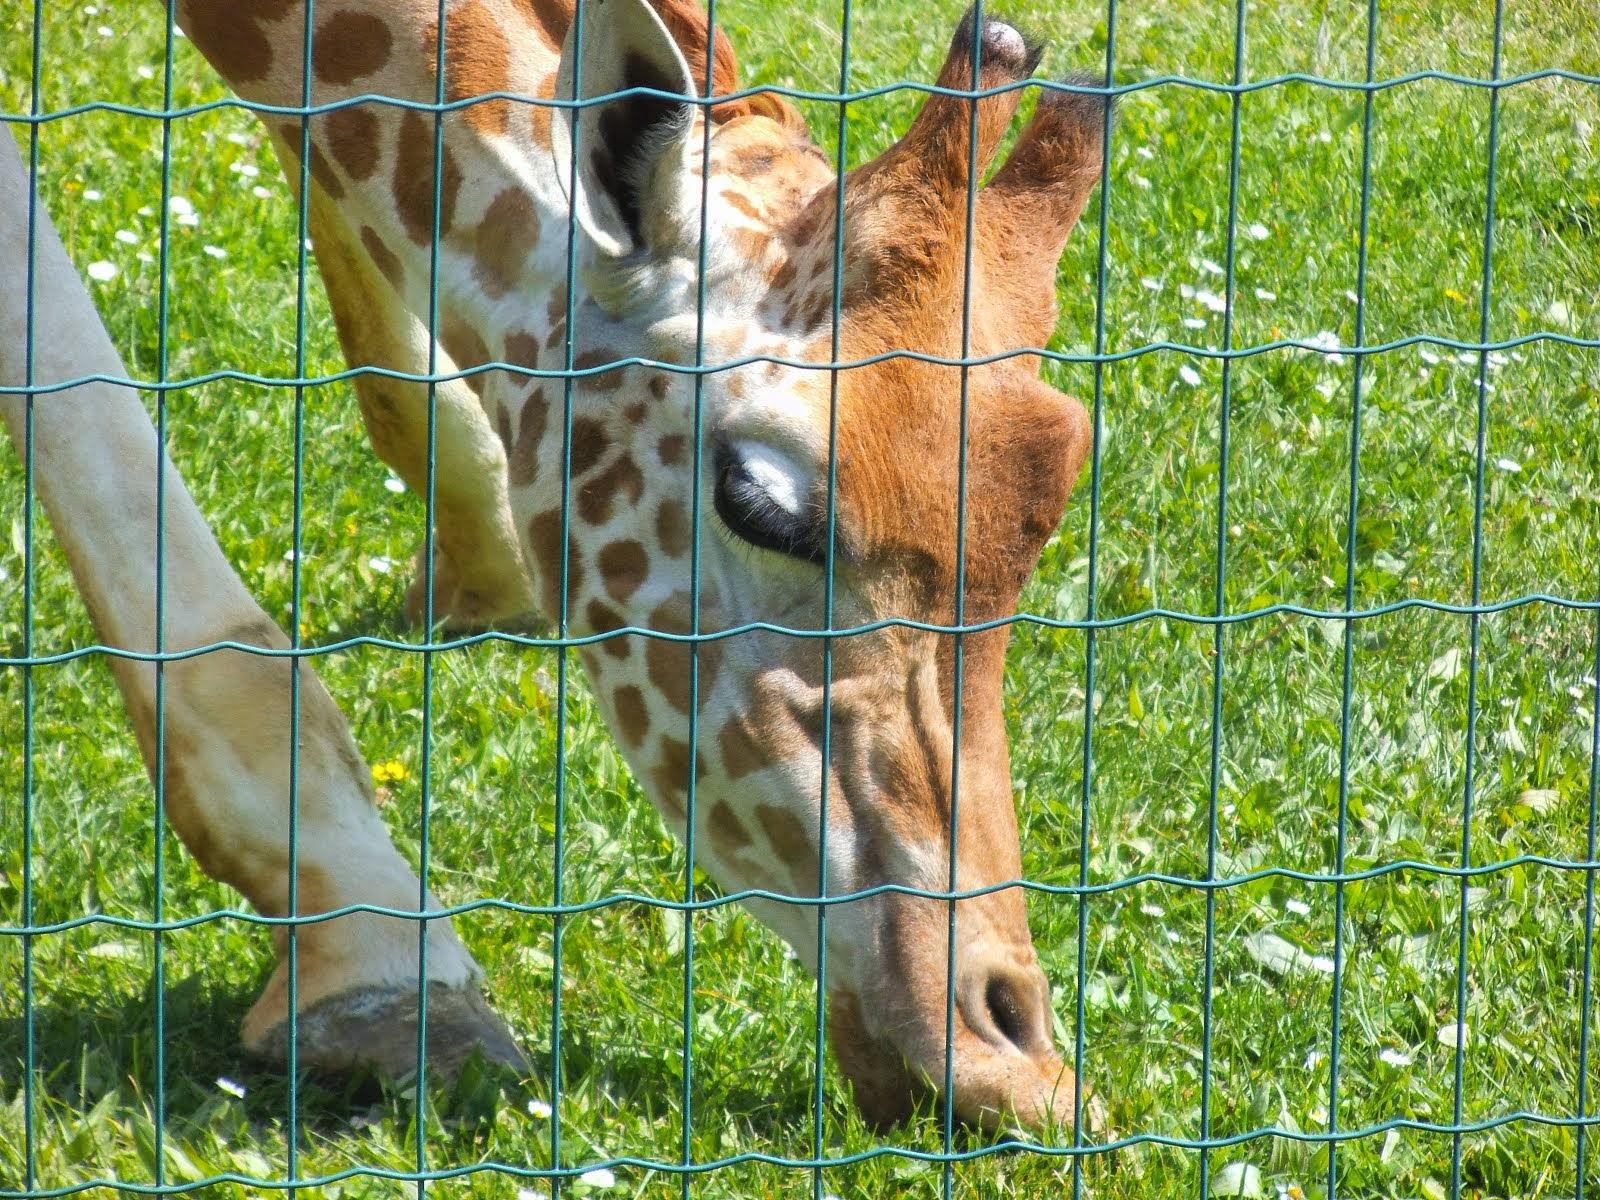 ...giraffa???